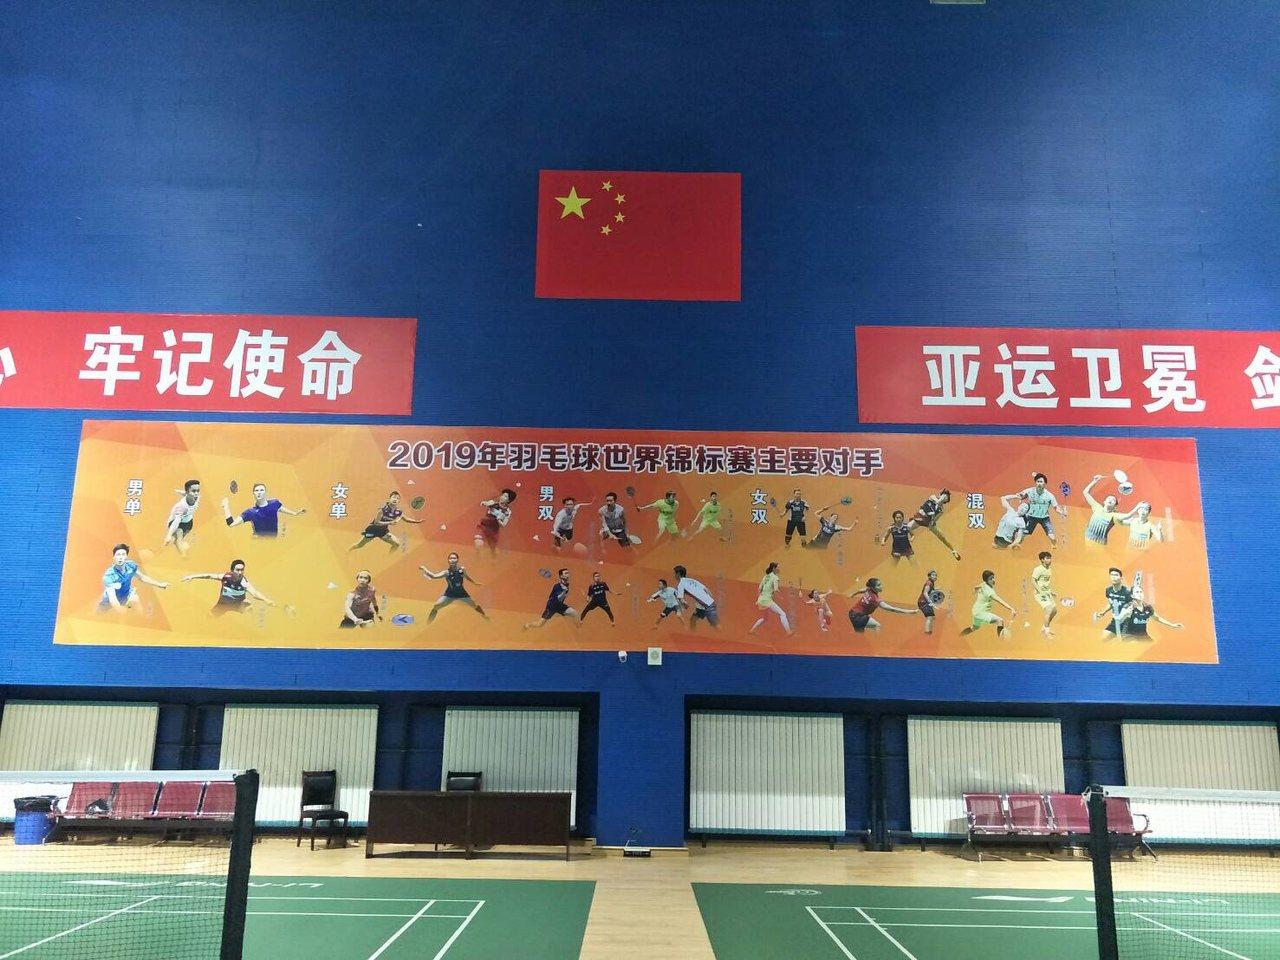 大陸北京體育館羽球場貼上世錦賽主要對手。圖/讀者提供